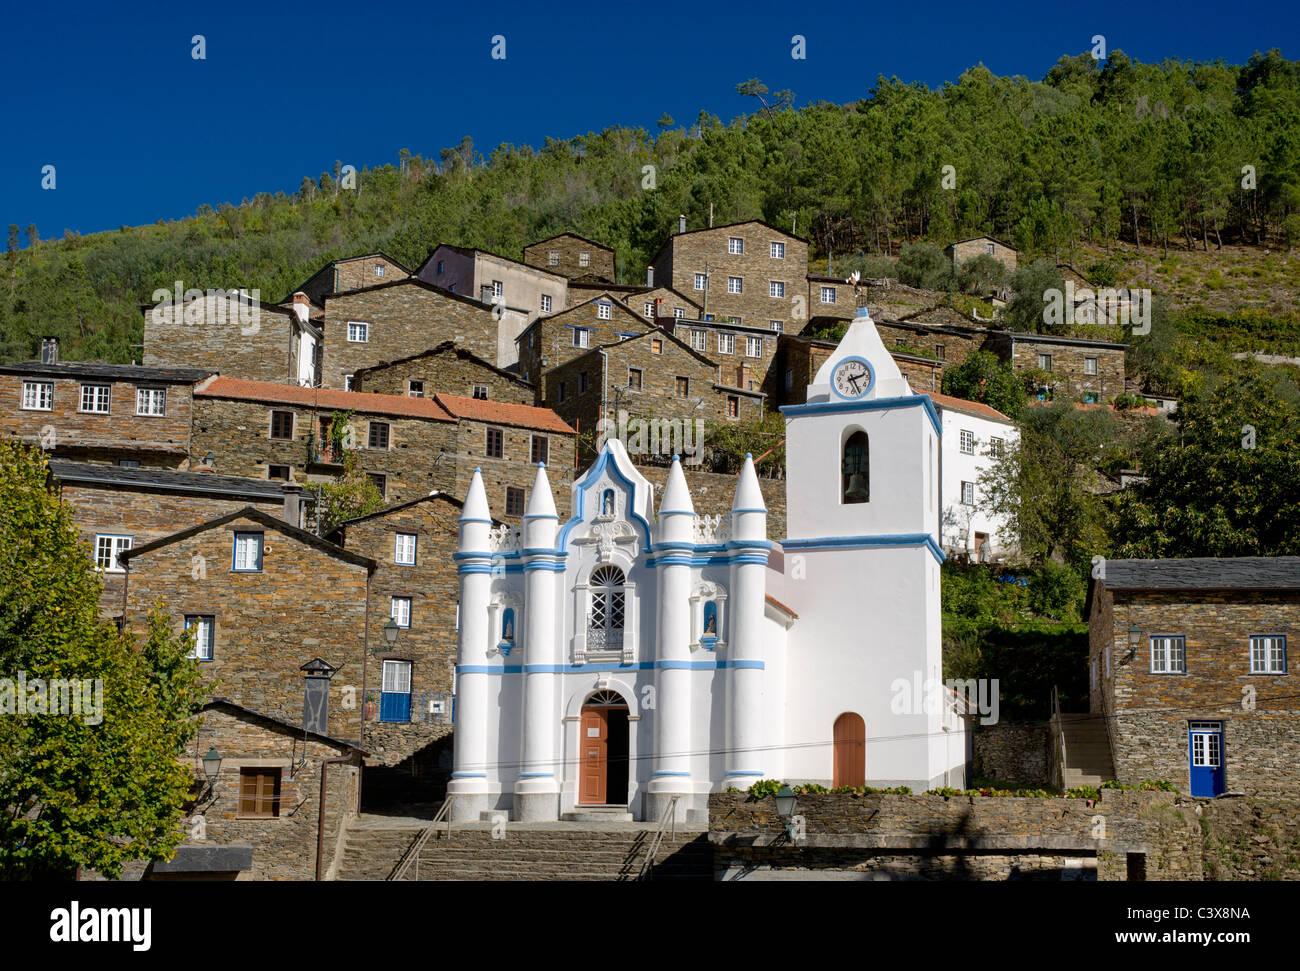 Portugal, Beira Alta, the Serra do Acor, Serra da Estrela, Piodao church and stone houses - Stock Image